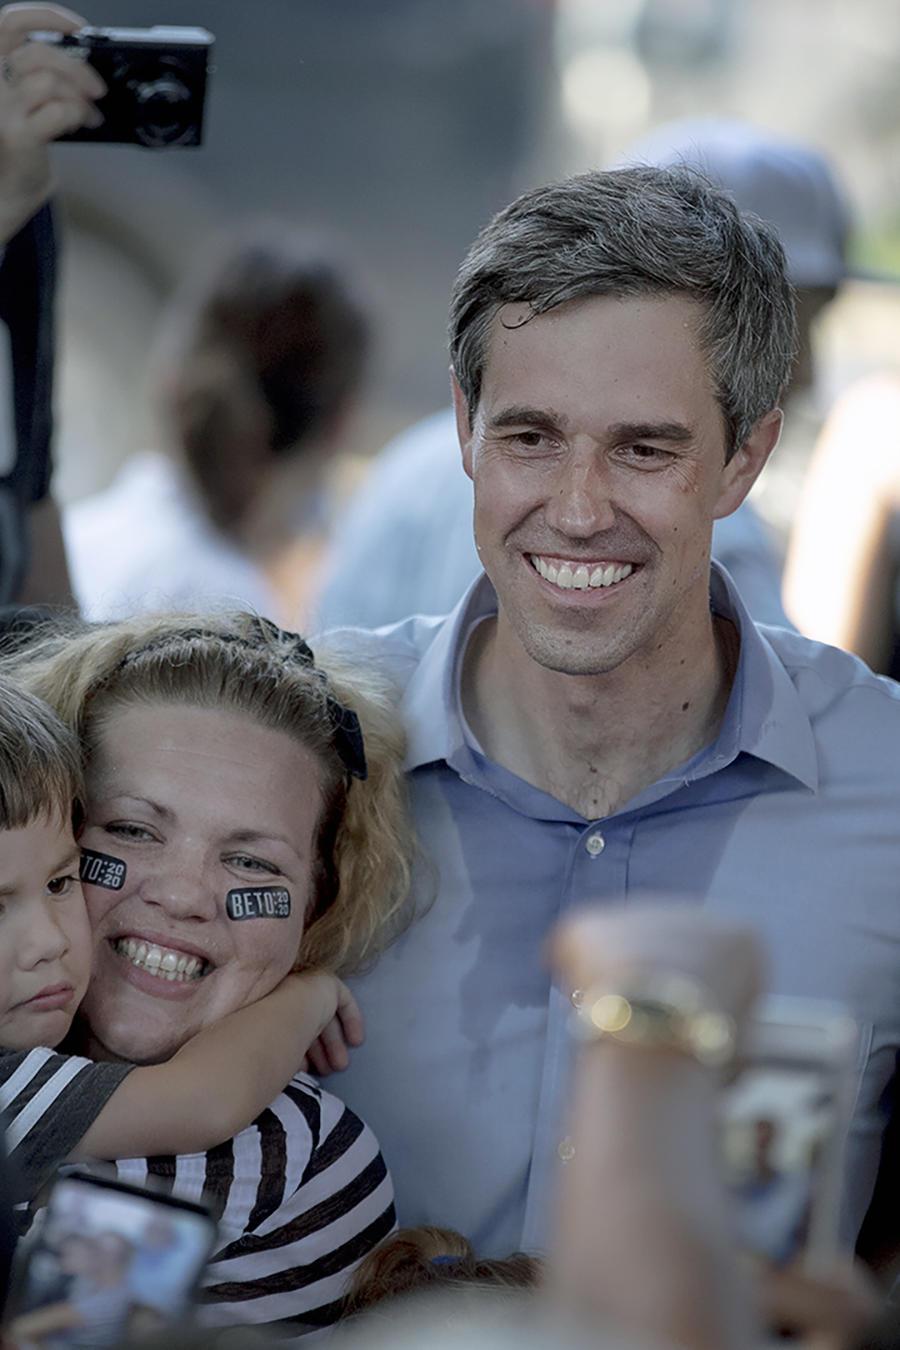 El aspirante a la candidatura presidencial demócrata Beto O'Rourke posa para una foto con simpatizantes durante un acto de campaña en Austin, Texas, el viernes 28 de junio de 2019.